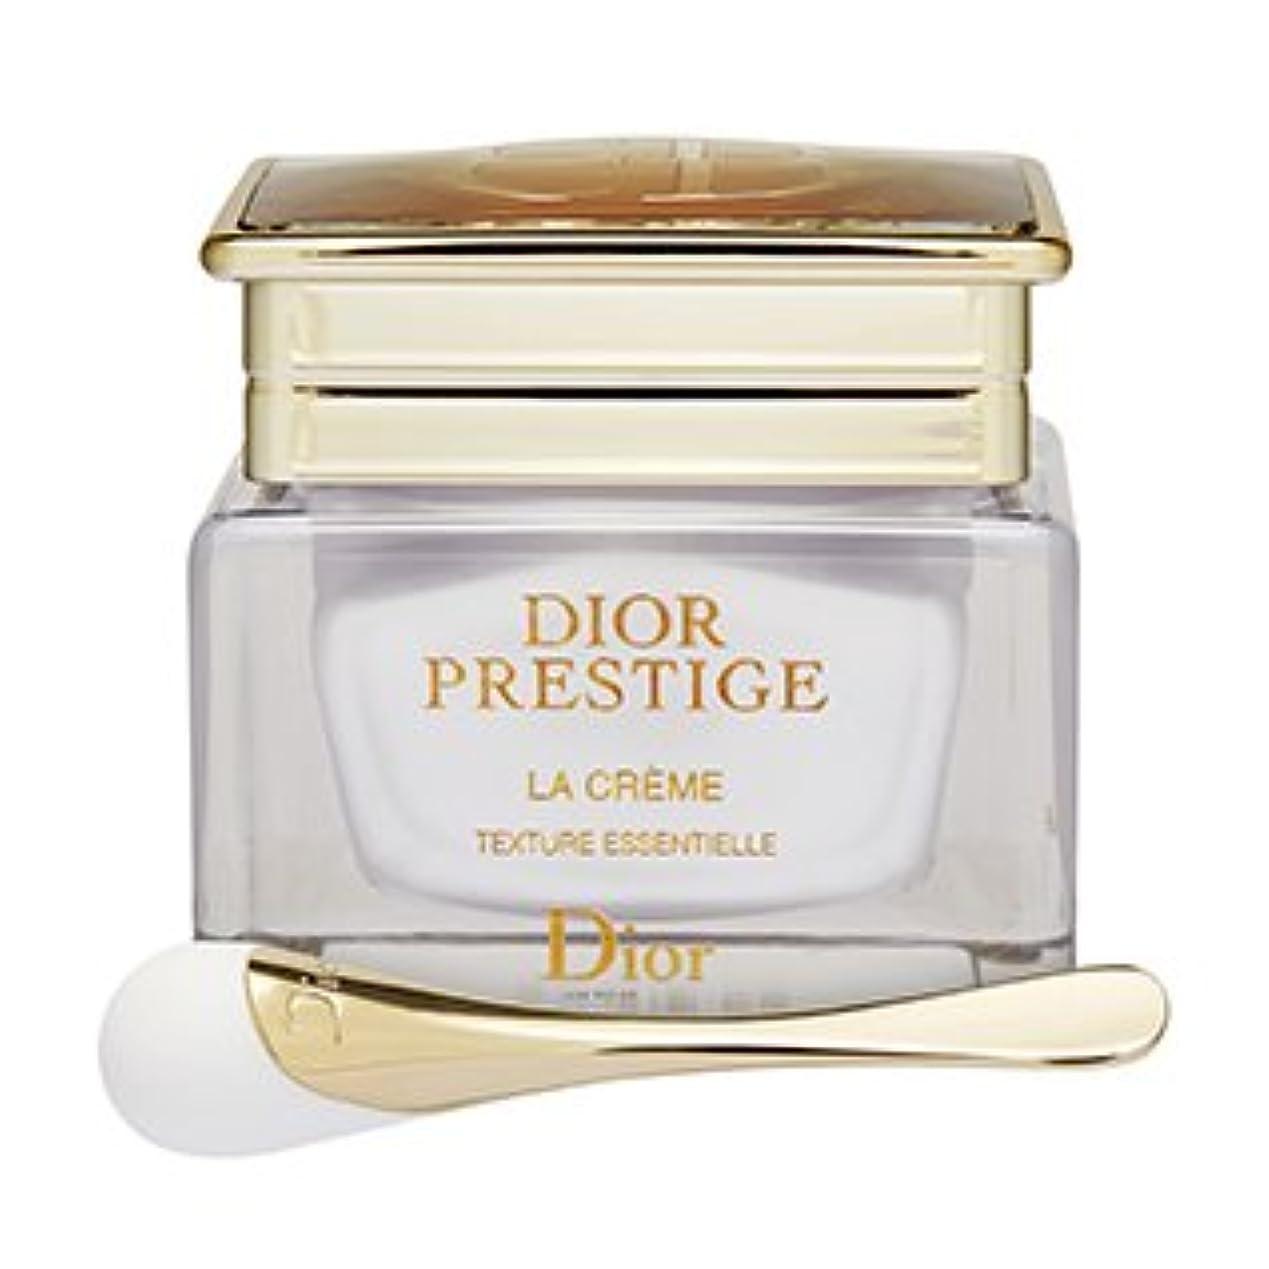 ファンブル同封するテレビディオール(Dior) プレステージ ラ クレーム - 極上のテクスチャー [並行輸入品]